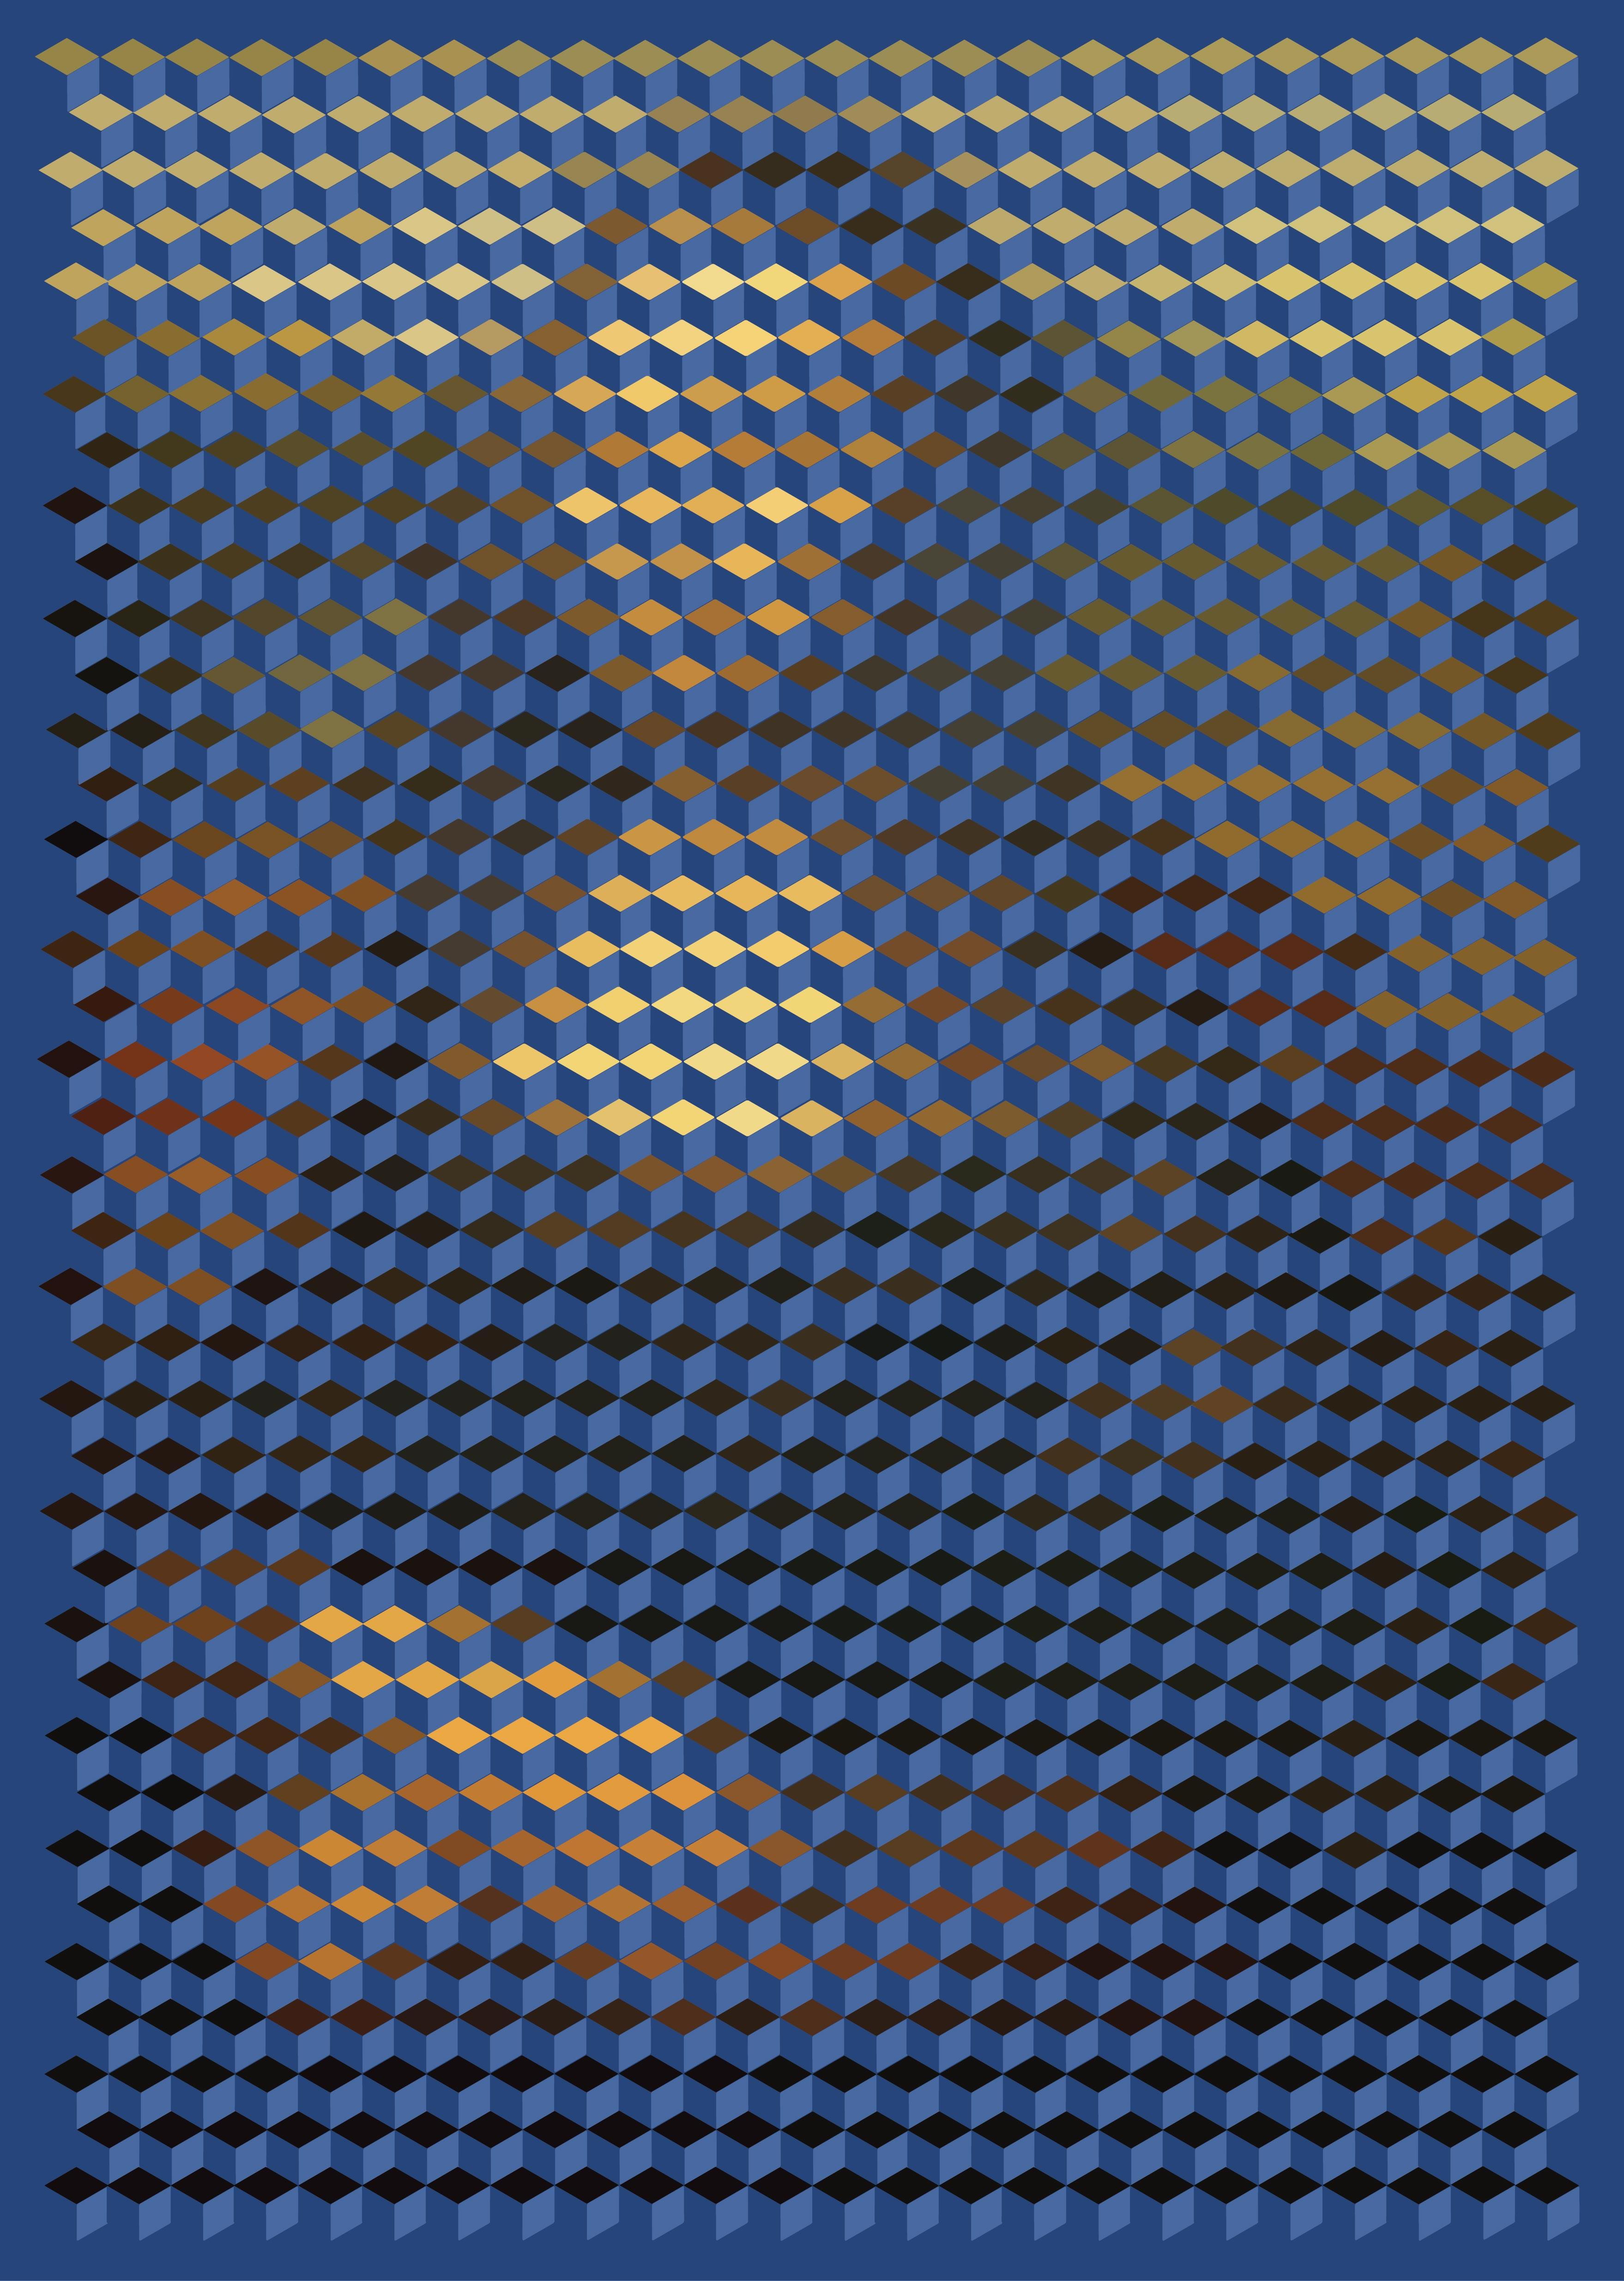 Cube Mona Lisa